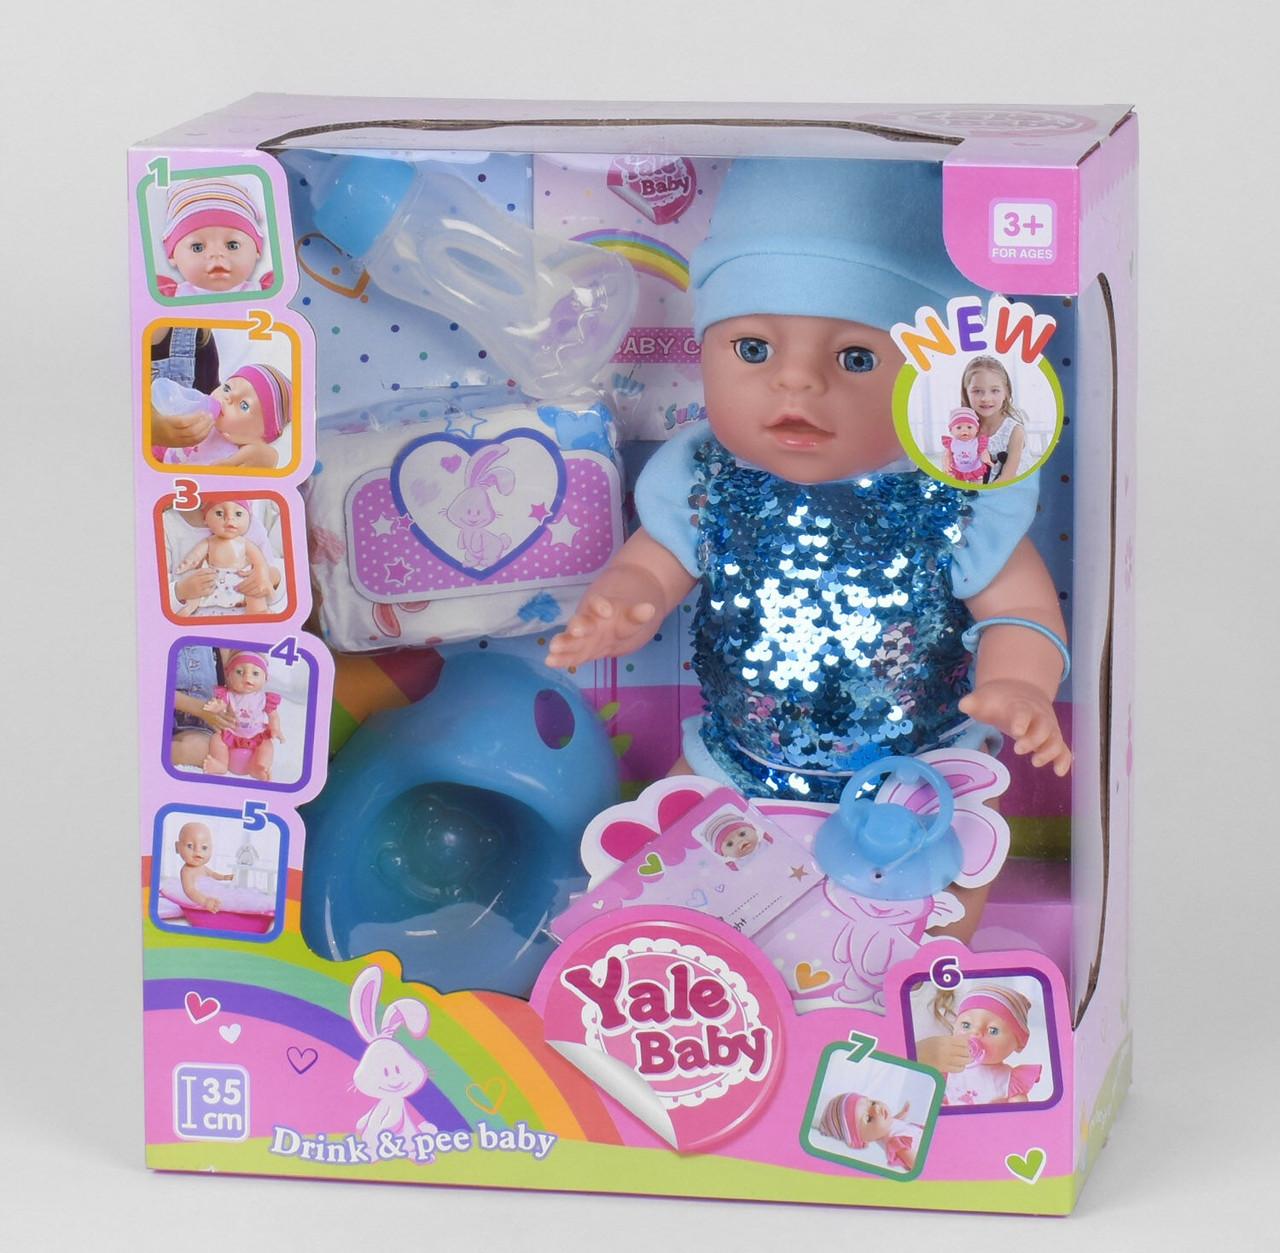 Кукла Пупс Yale Baby (YL 1953 I) c аксессуарами, 7 функций, 35 см